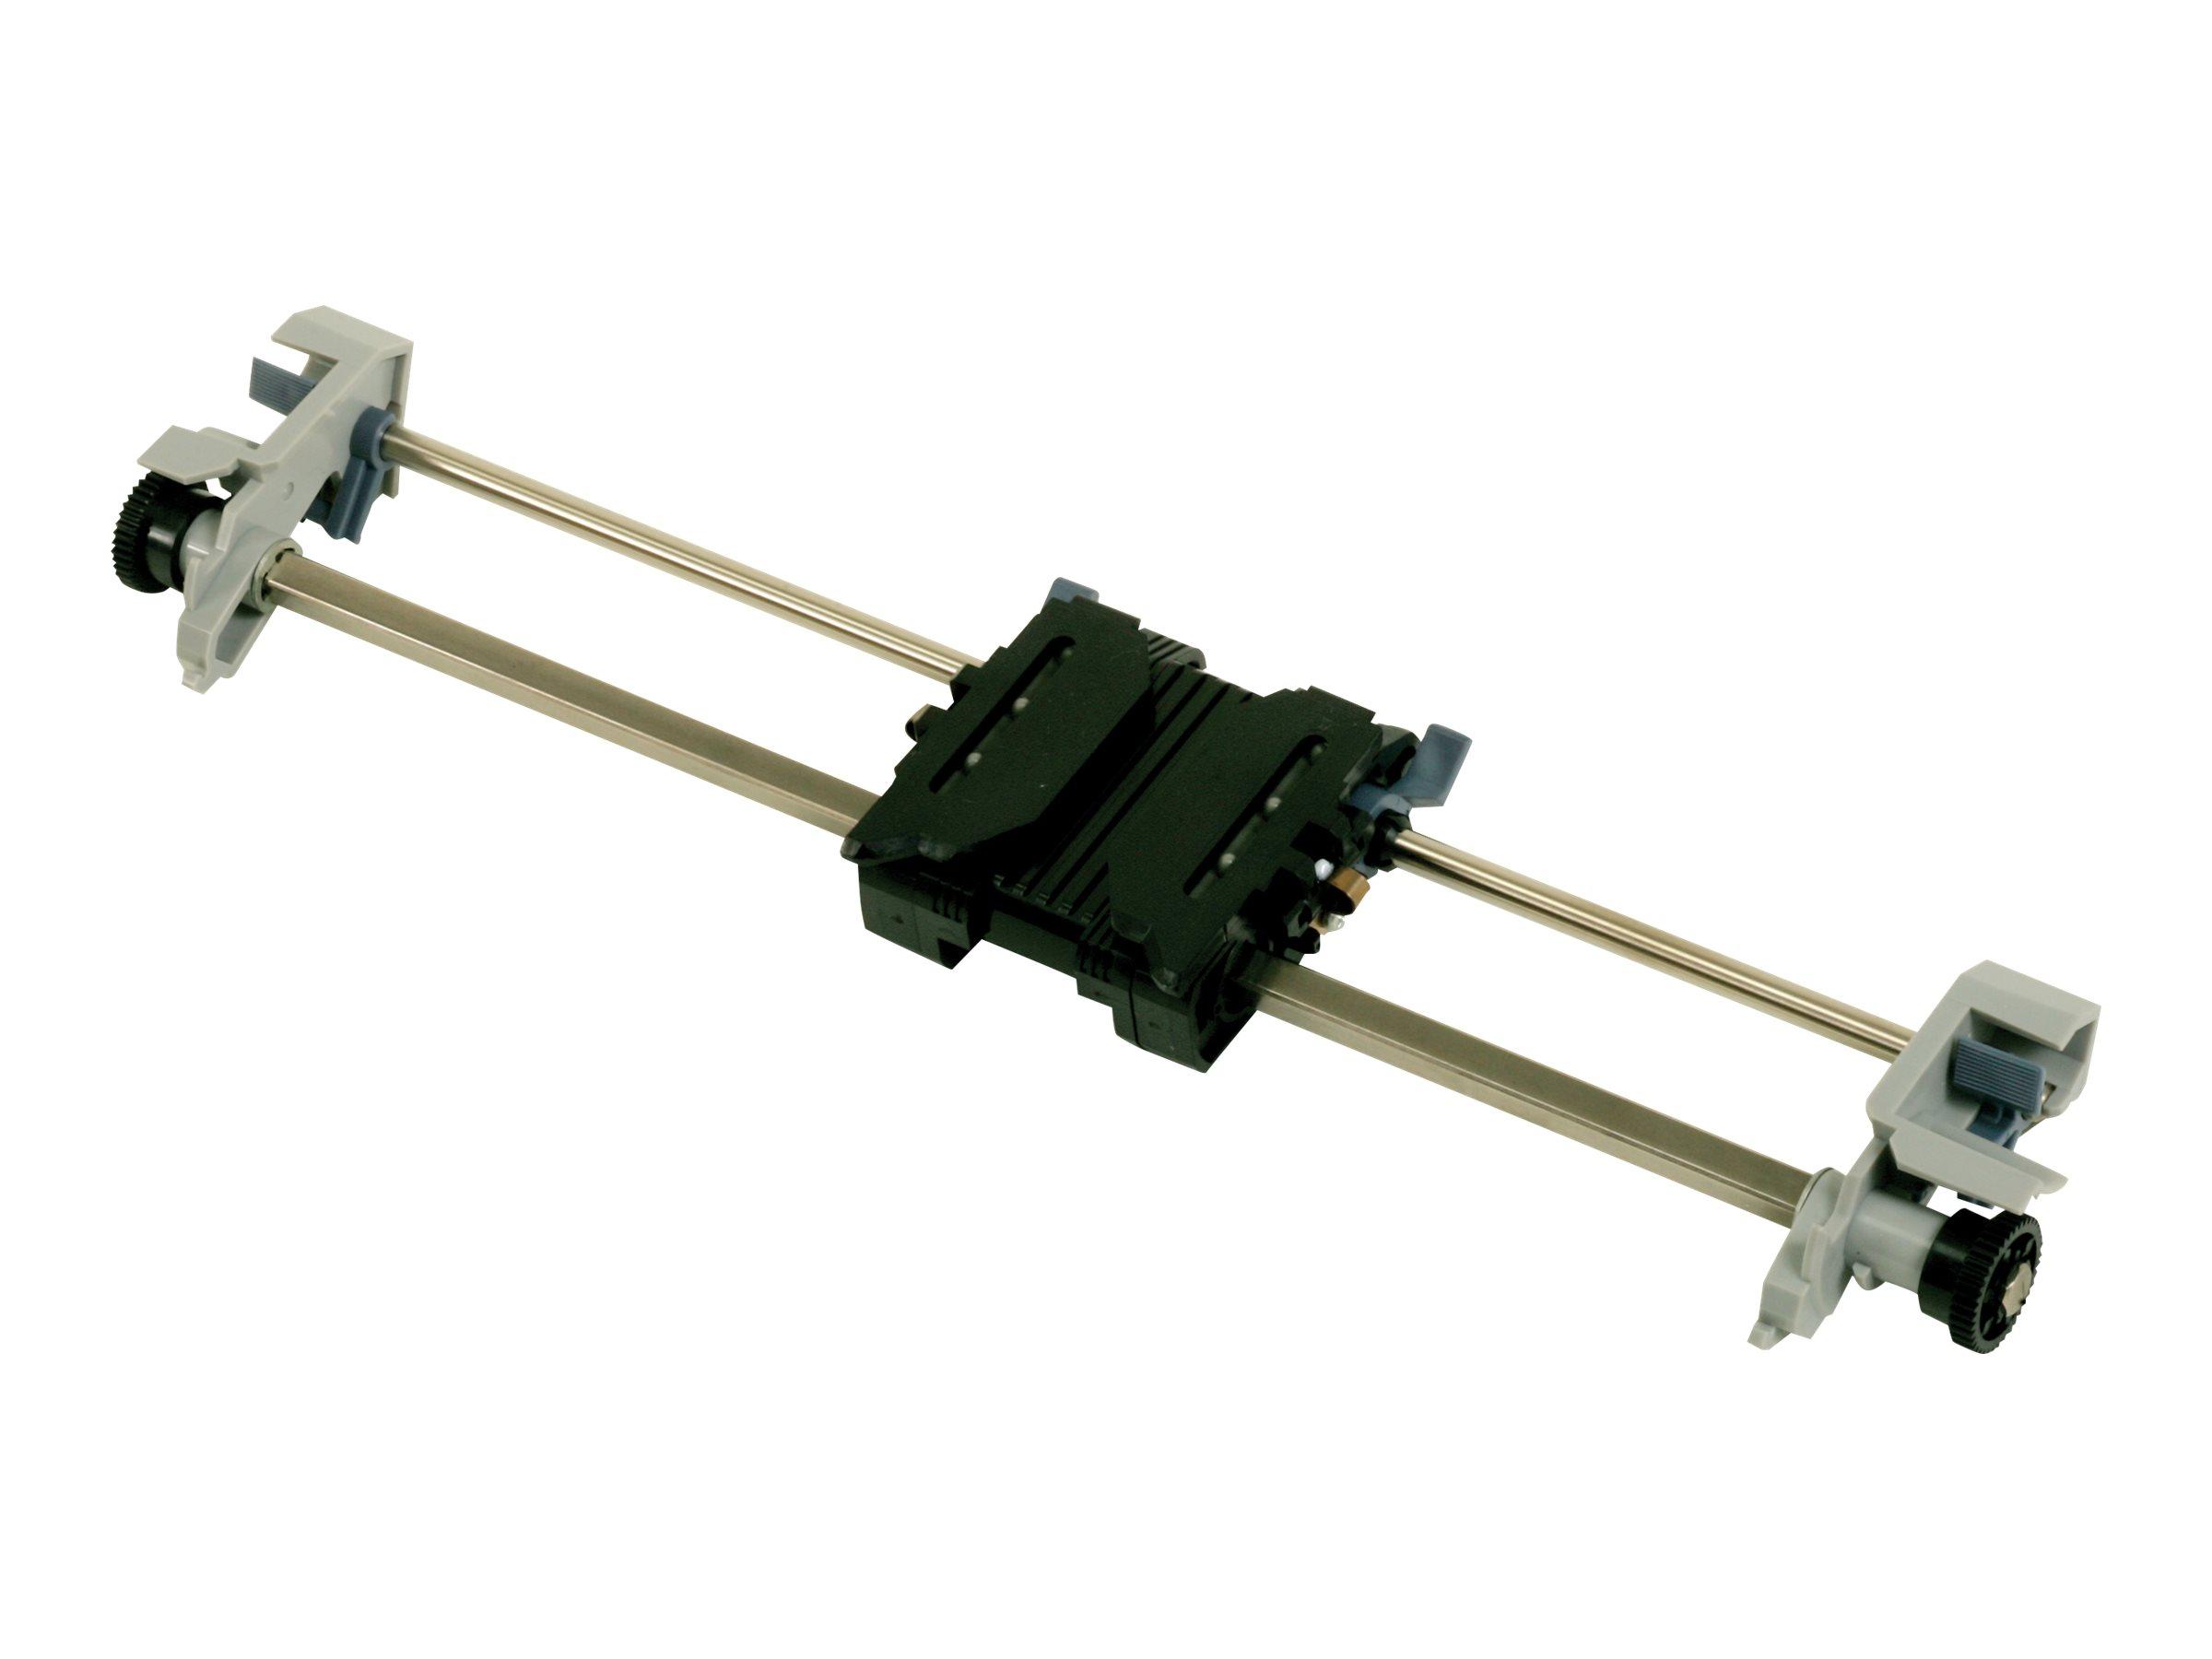 Epson - Druckertraktorbauteil - für FX 870, 880, 880+, 890, 890A, 890N; LQ 580, 590, 870